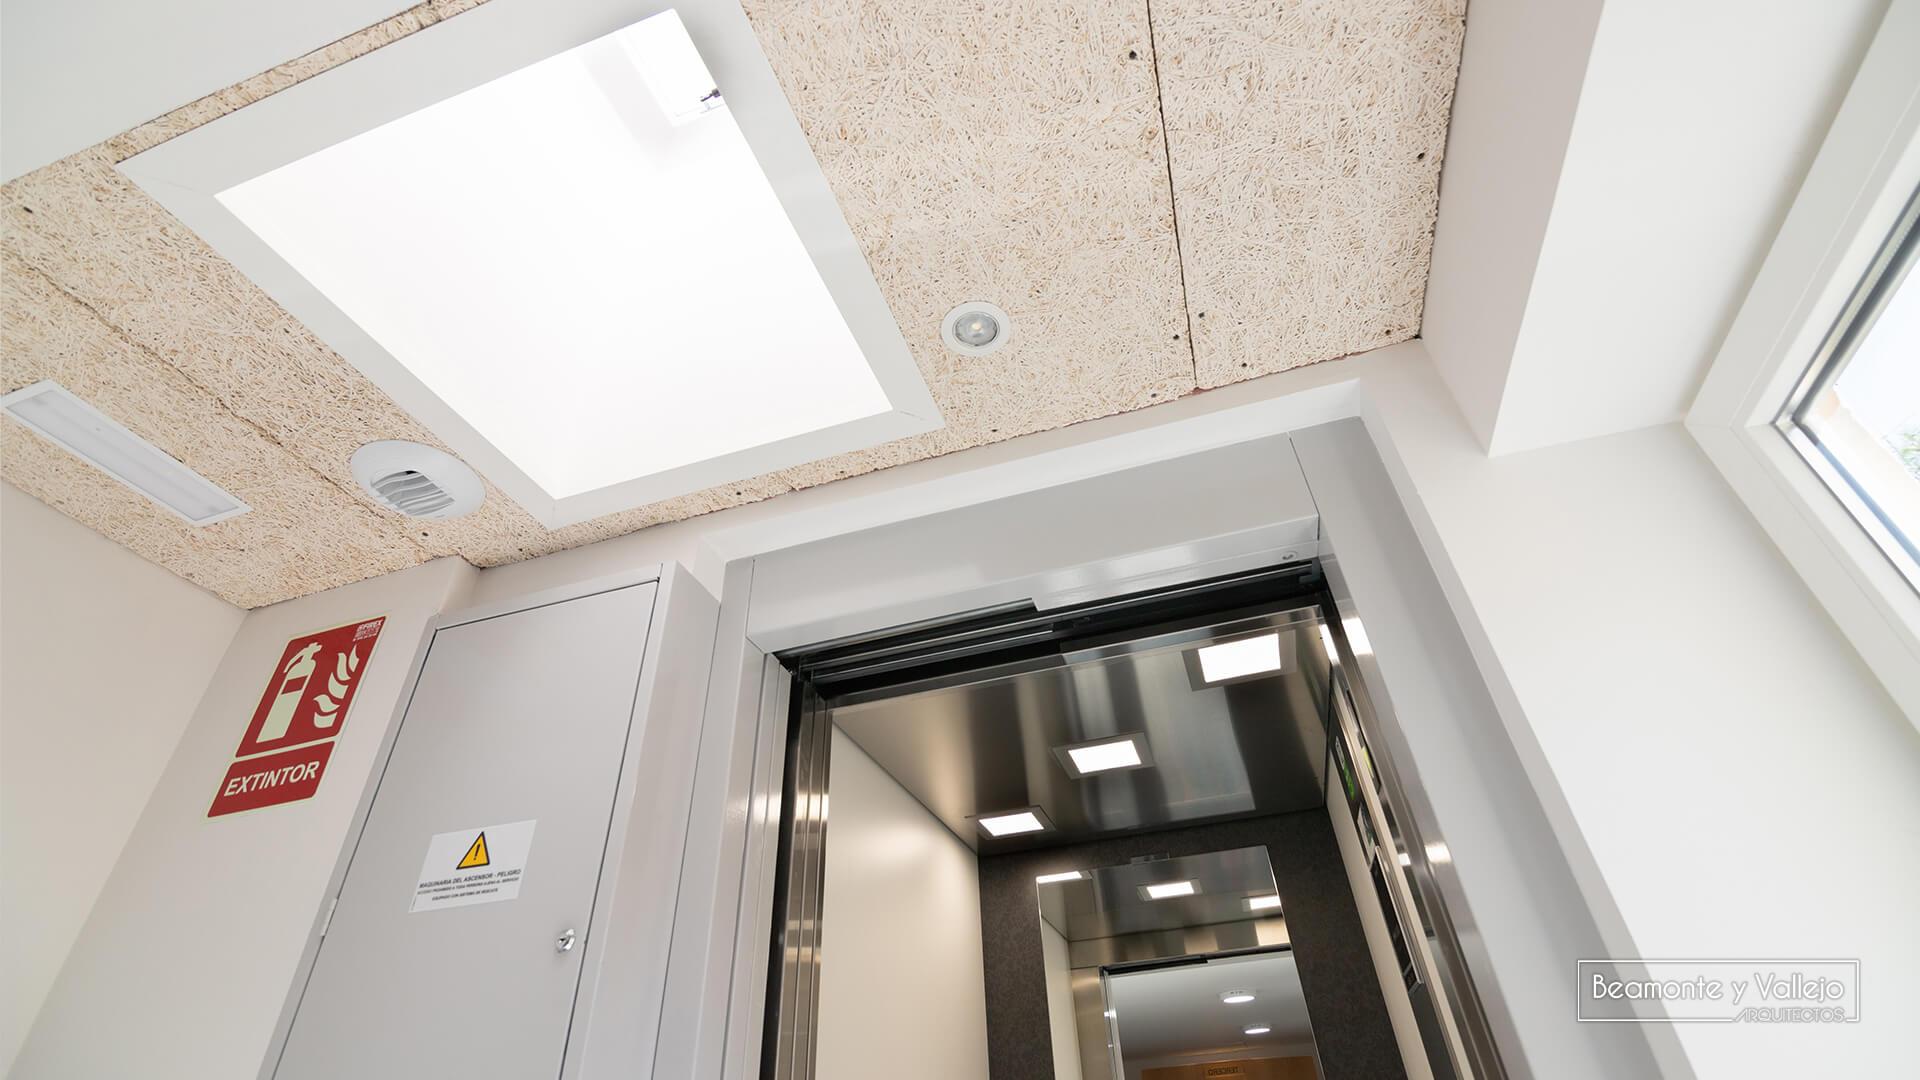 Beamonte y Vallejo arquitectos - Rehabilitación energética valle de pineta - 8